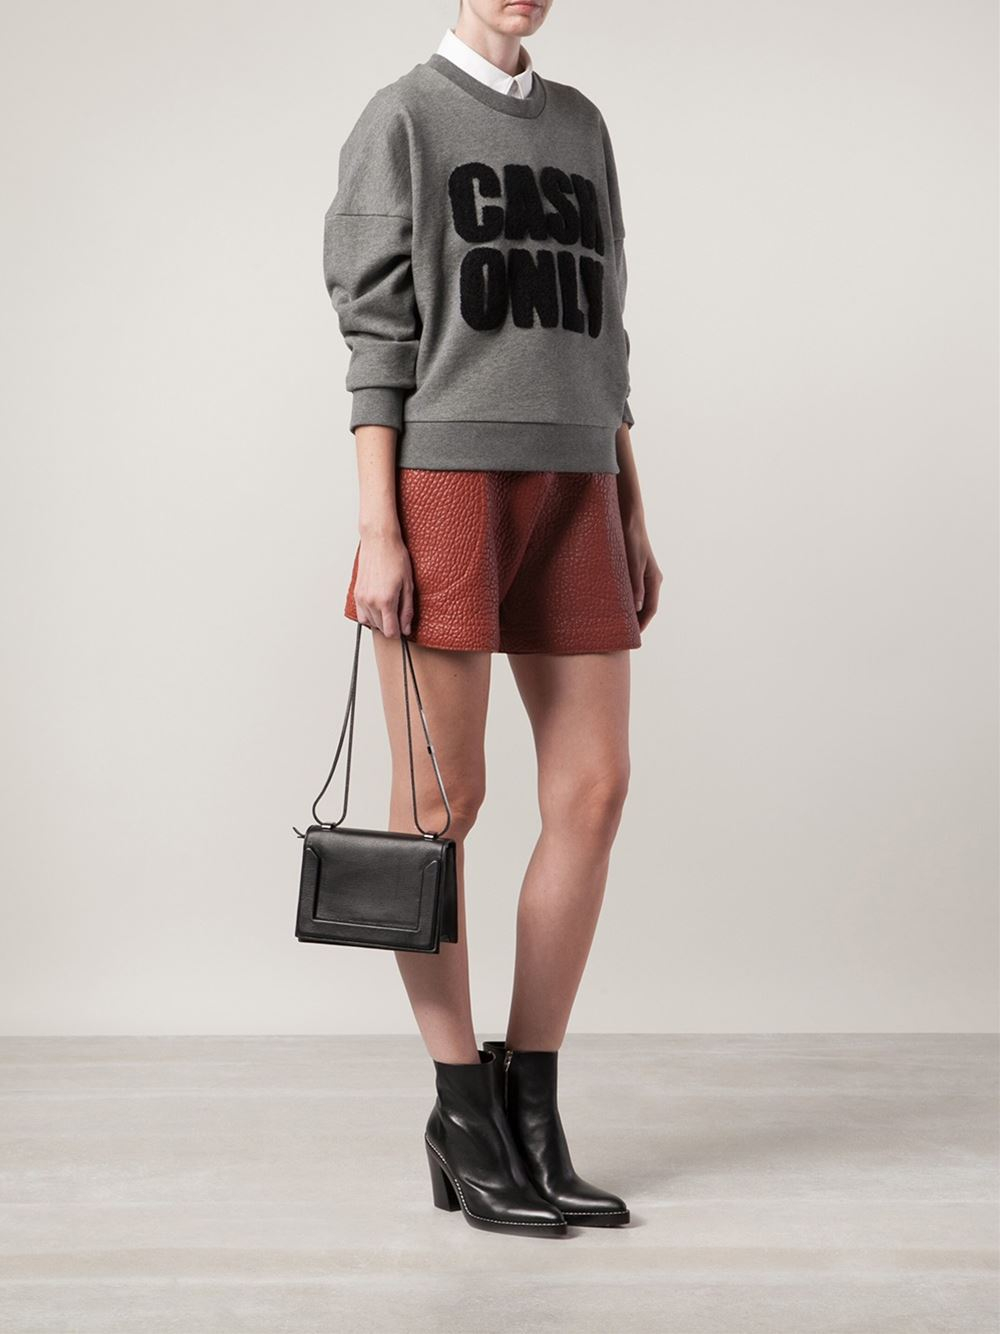 Black Mini Soleil Case Bag 3.1 Phillip Lim Hyper Online Sale Low Shipping Sale 100% Original Outlet Big Discount Perfect Sale Online ch2UuKhCk